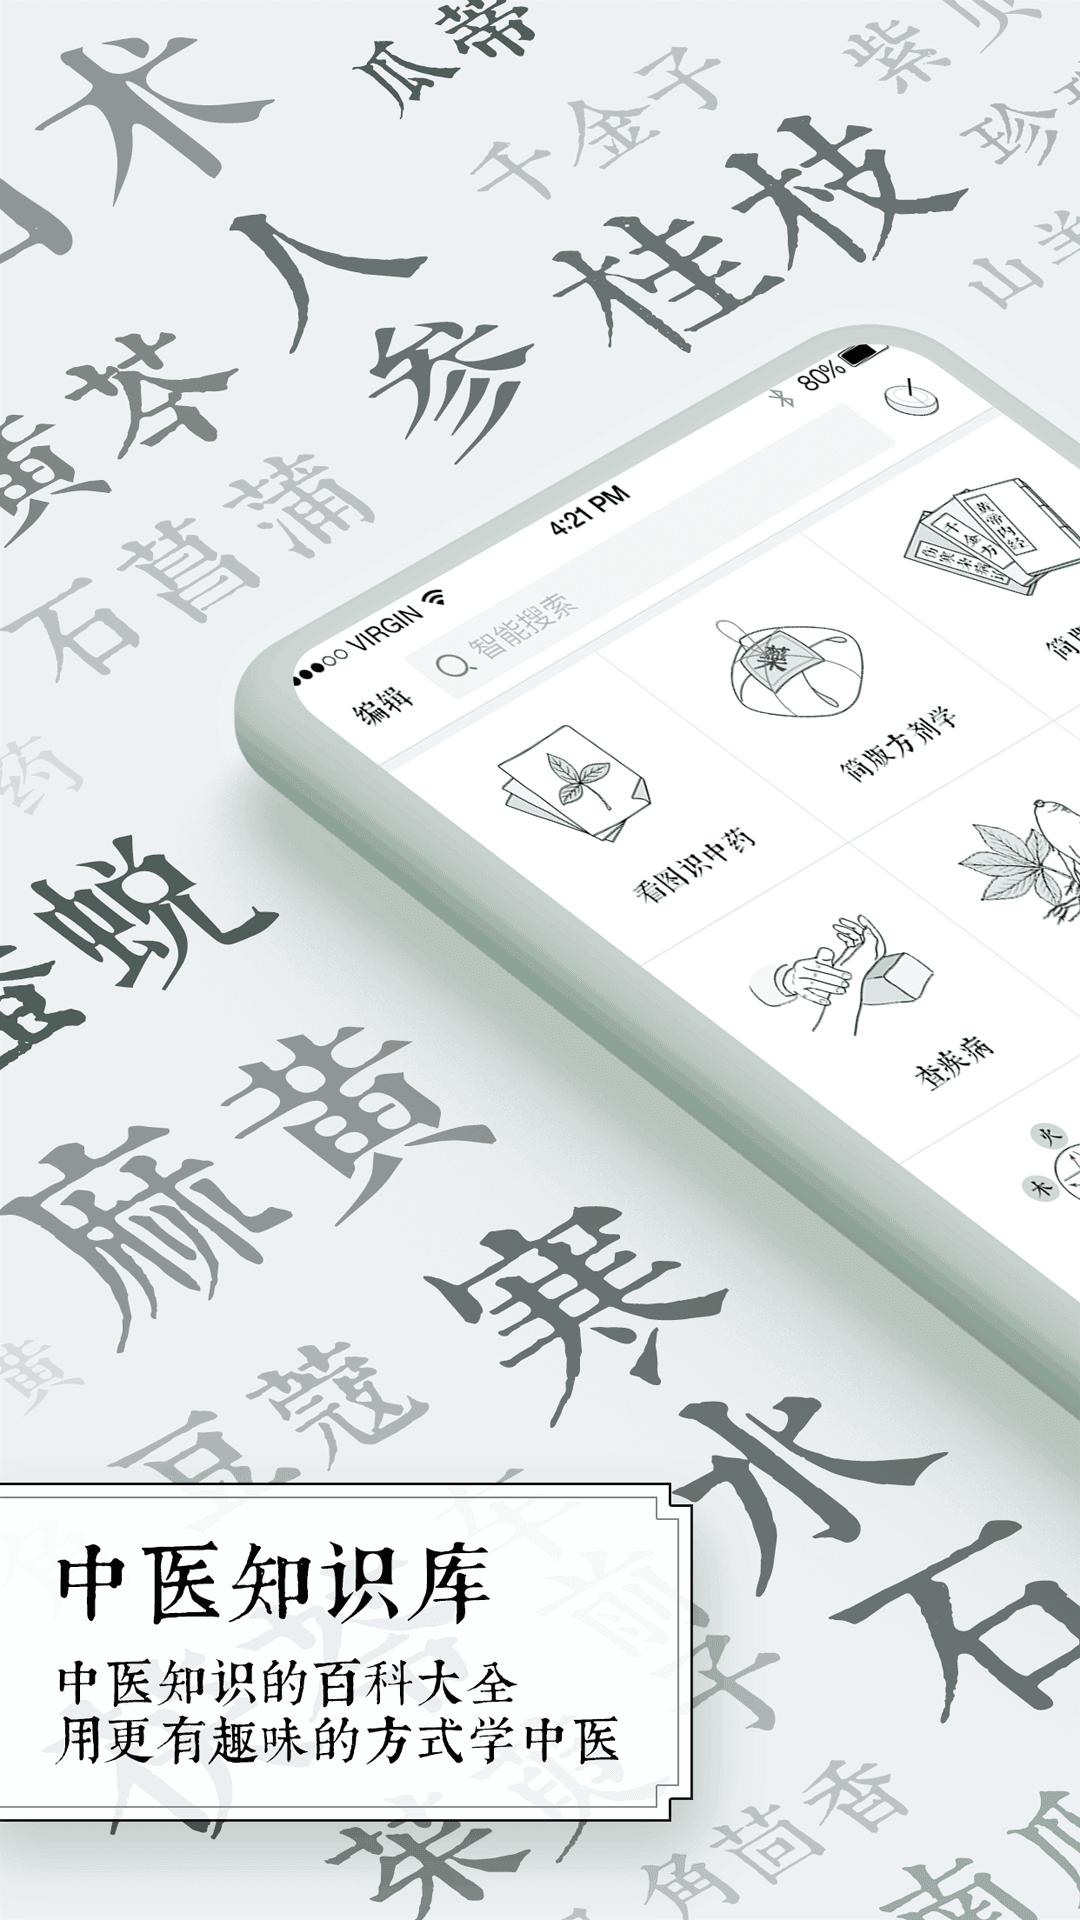 中医通图2